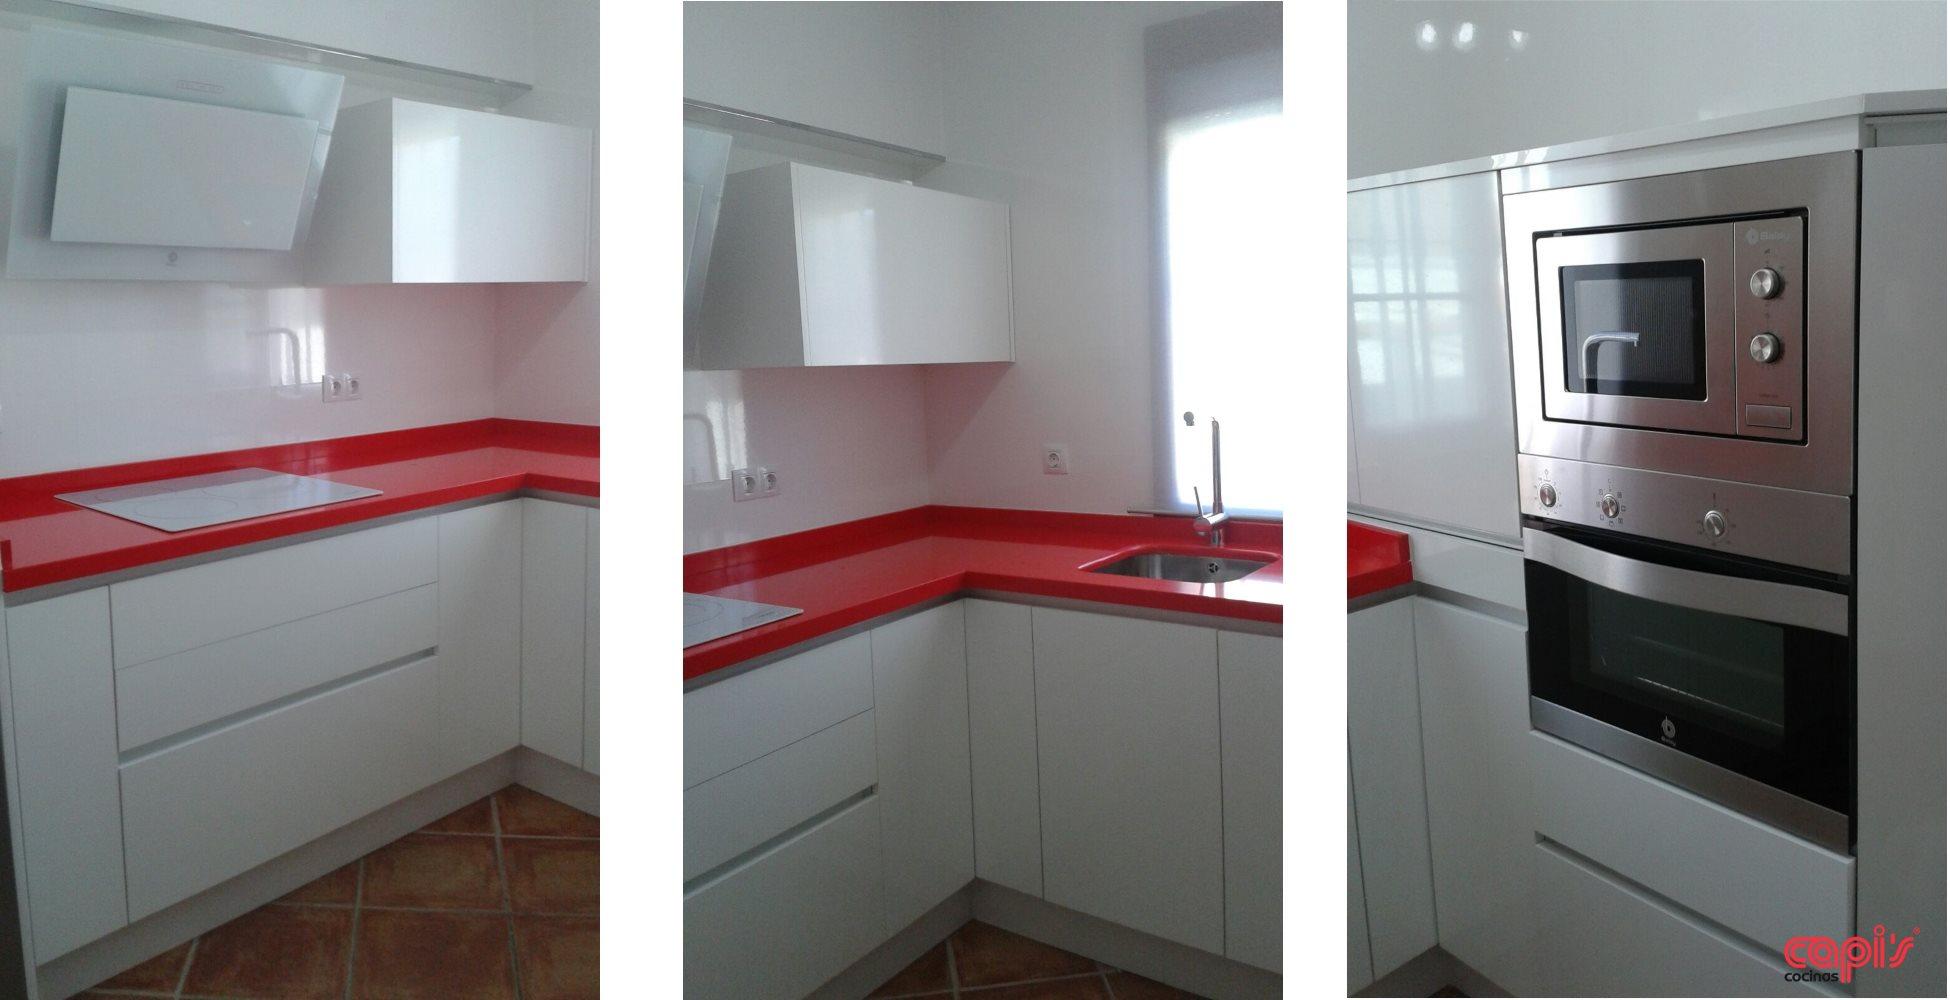 Cocina rosso monza cocinas capis dise o y fabricaci n for Comprar encimera cocina